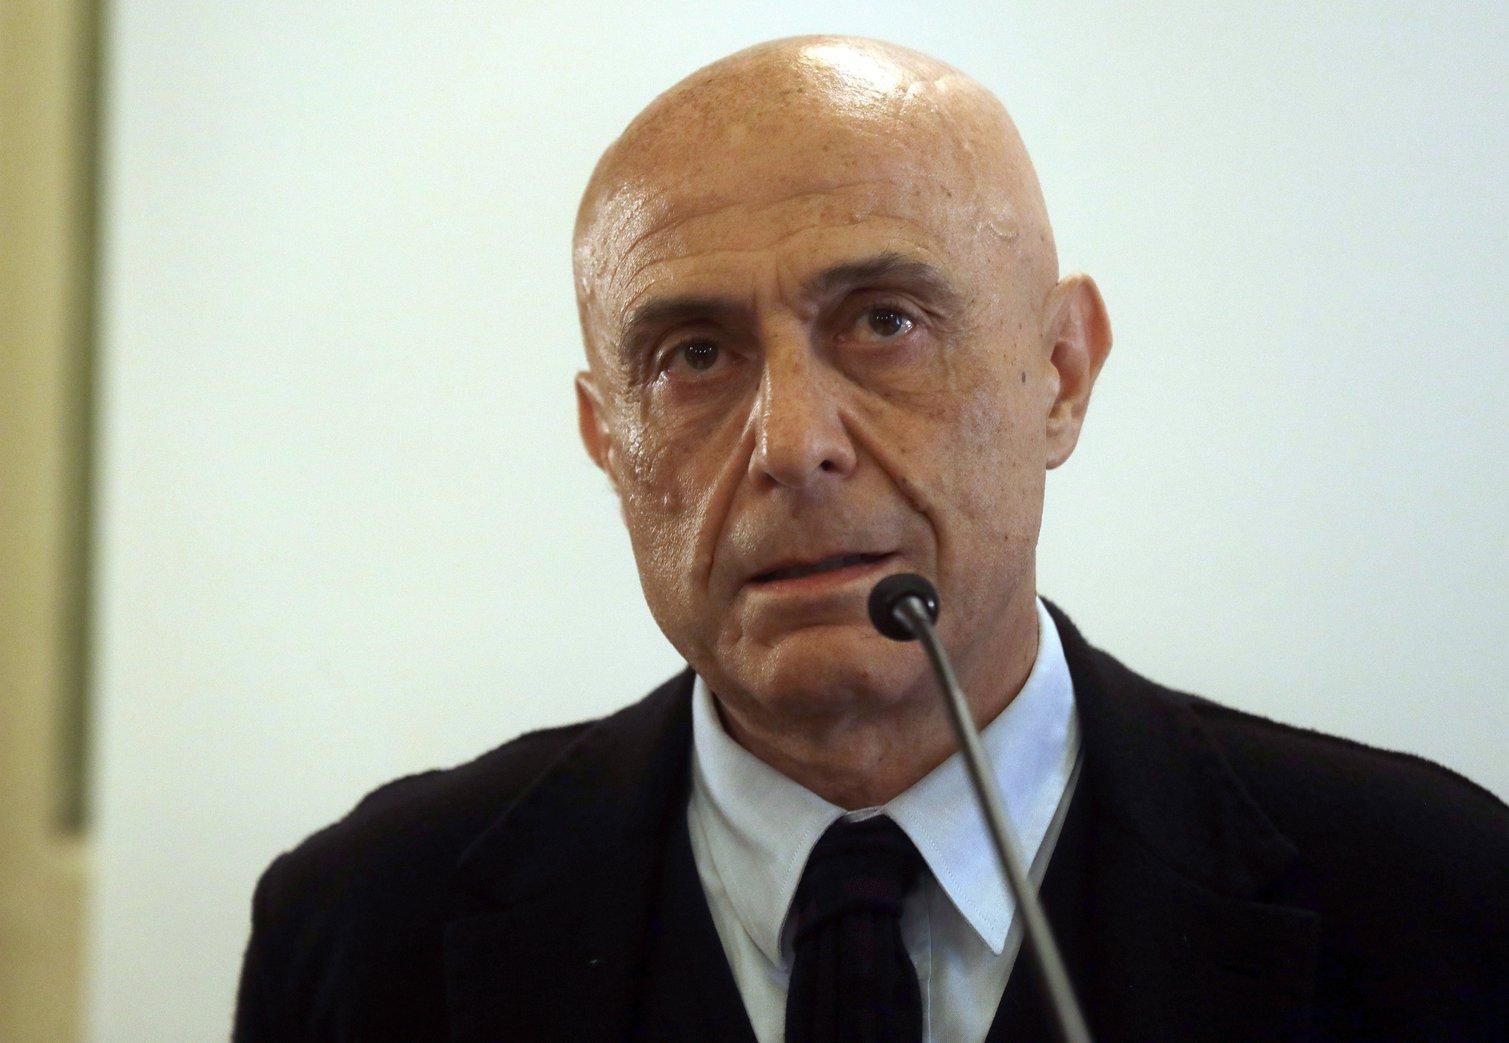 Marco Minniti, olasz belügyminiszter (MTI/AP/Gregorio Borgia)